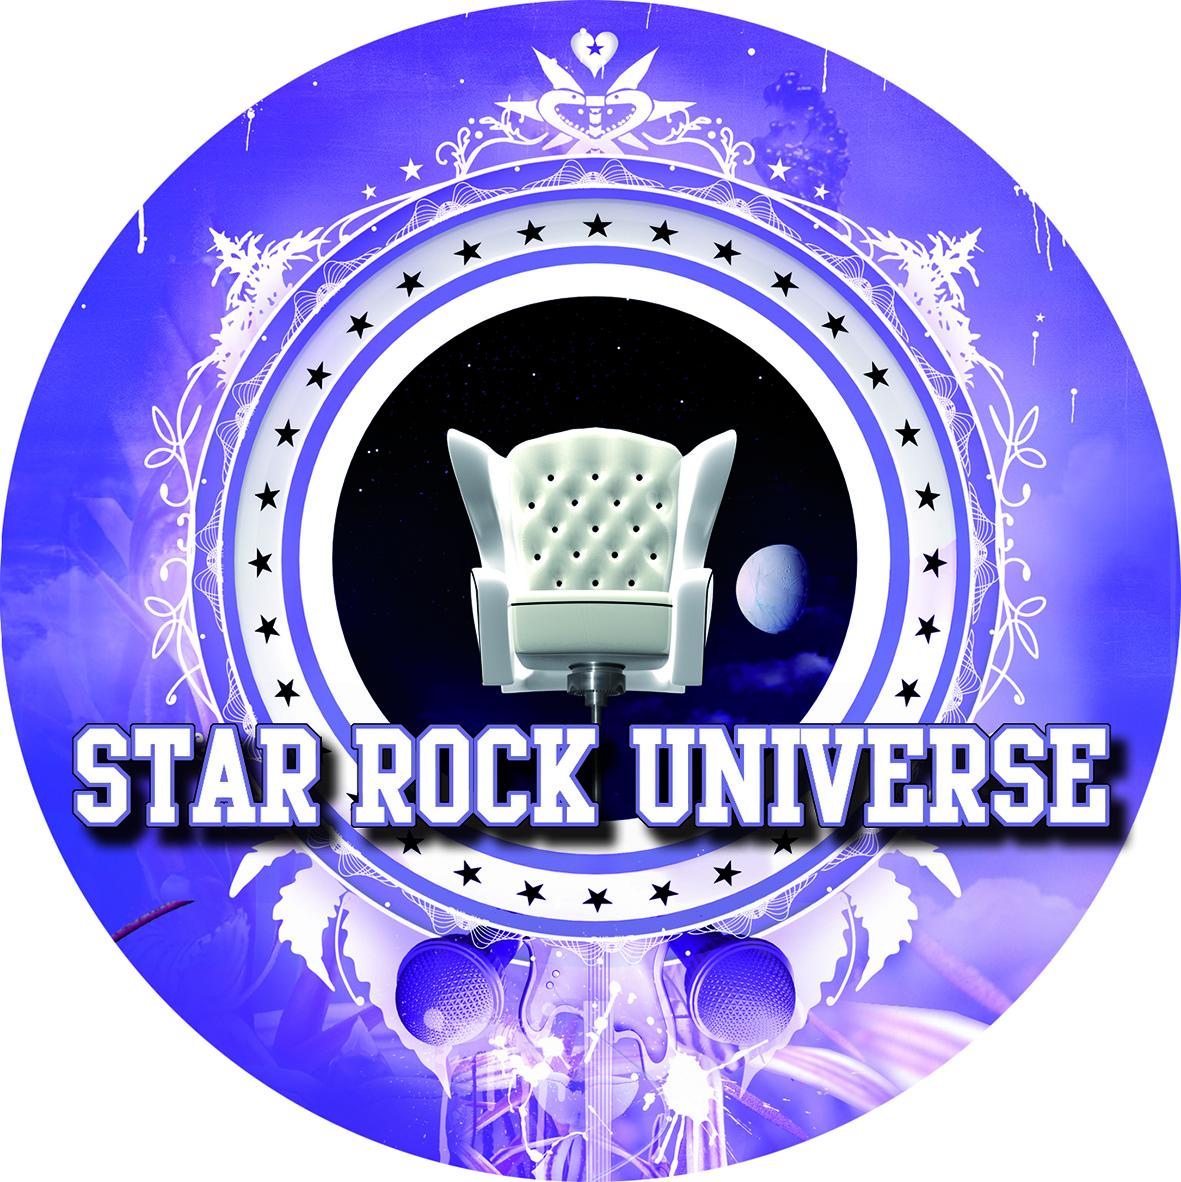 Bilddatei: Star-Rock-Universe-kl(C)Sternevent_GmbH+ZeissPlanetariumJena.jpg